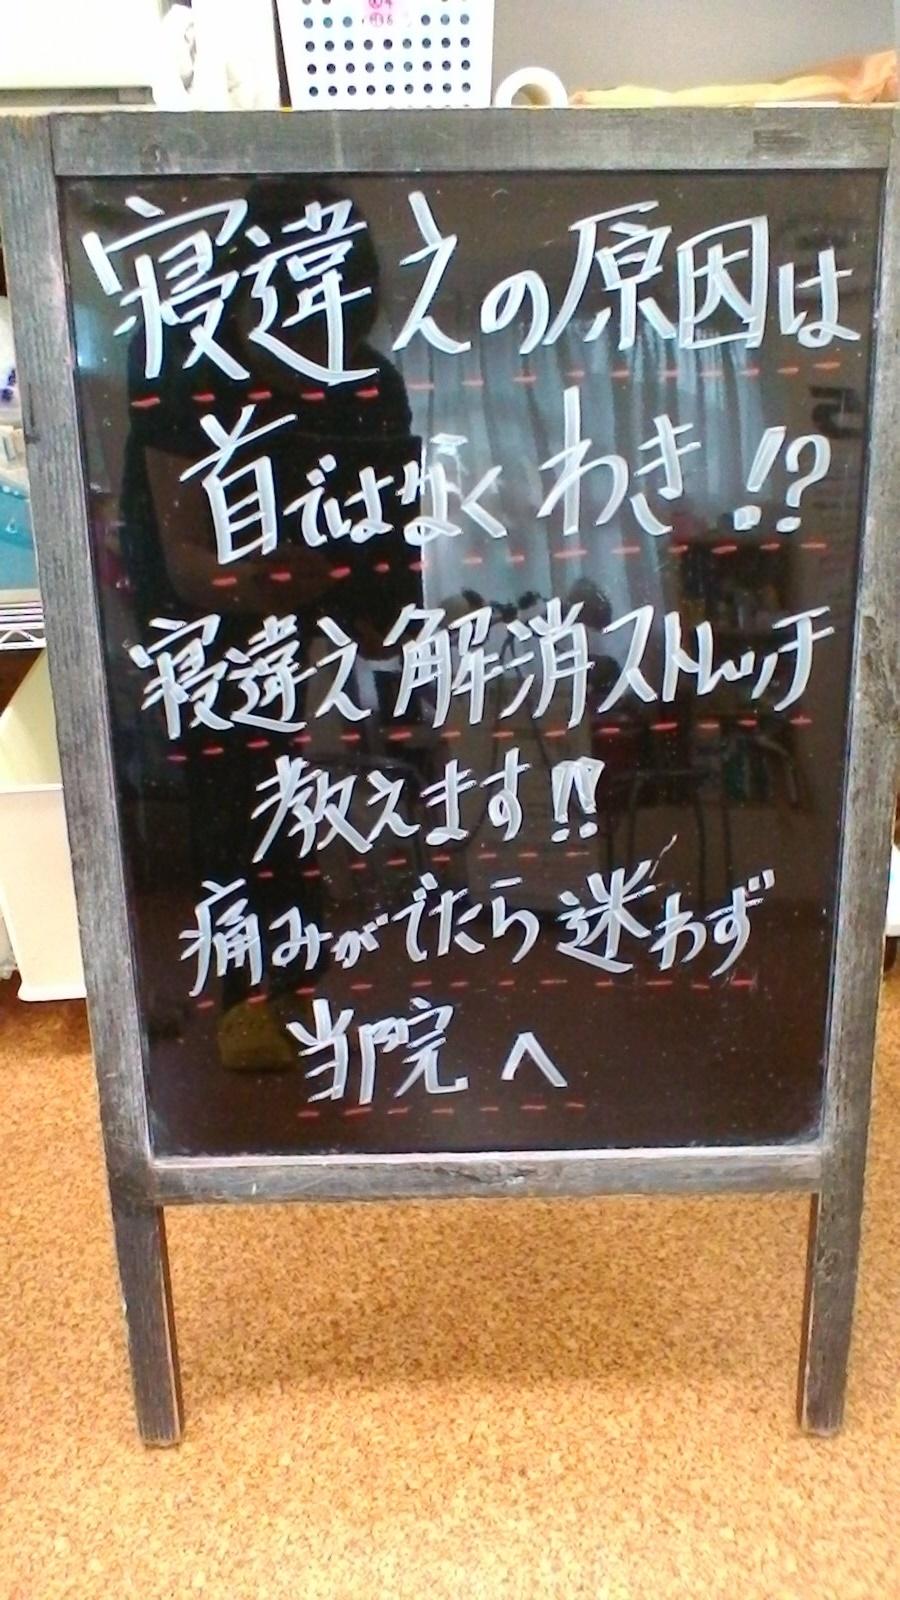 wakiwakiiii.jpg